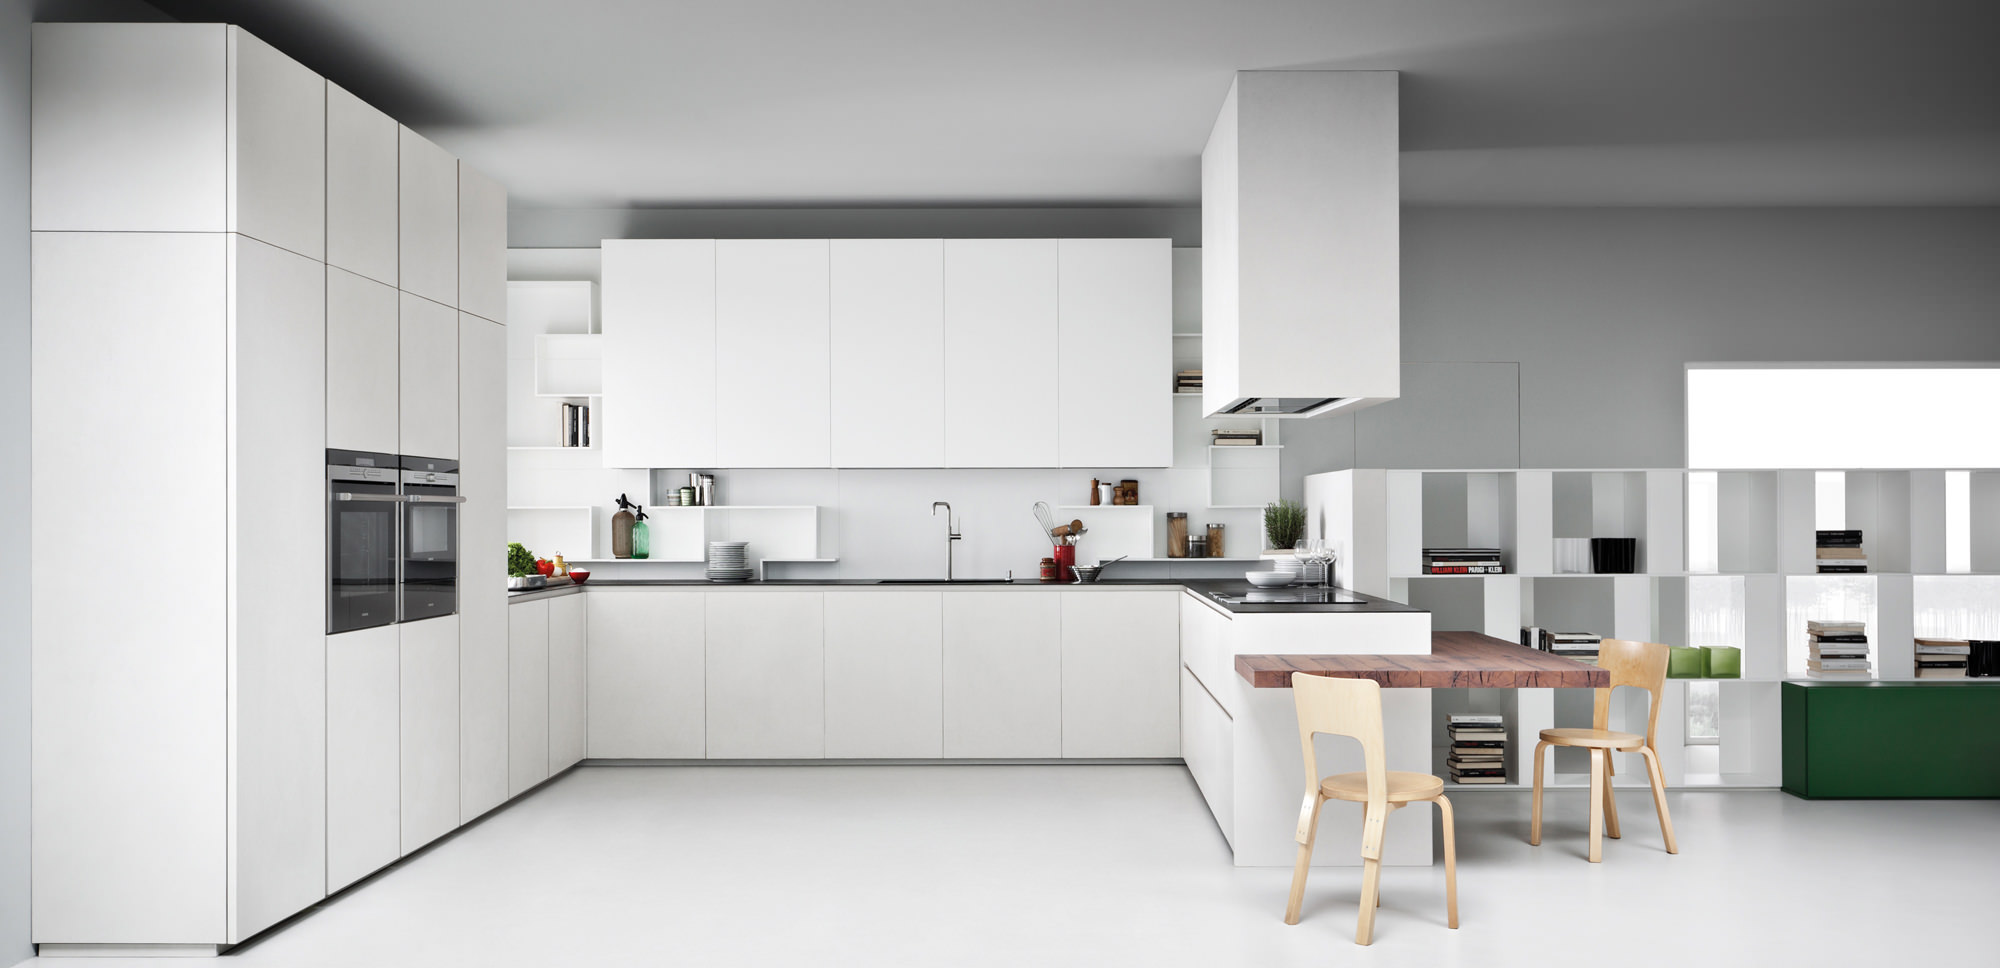 Arredare la cucina quale stile scegliere arredobene - Arredare la cucina ...